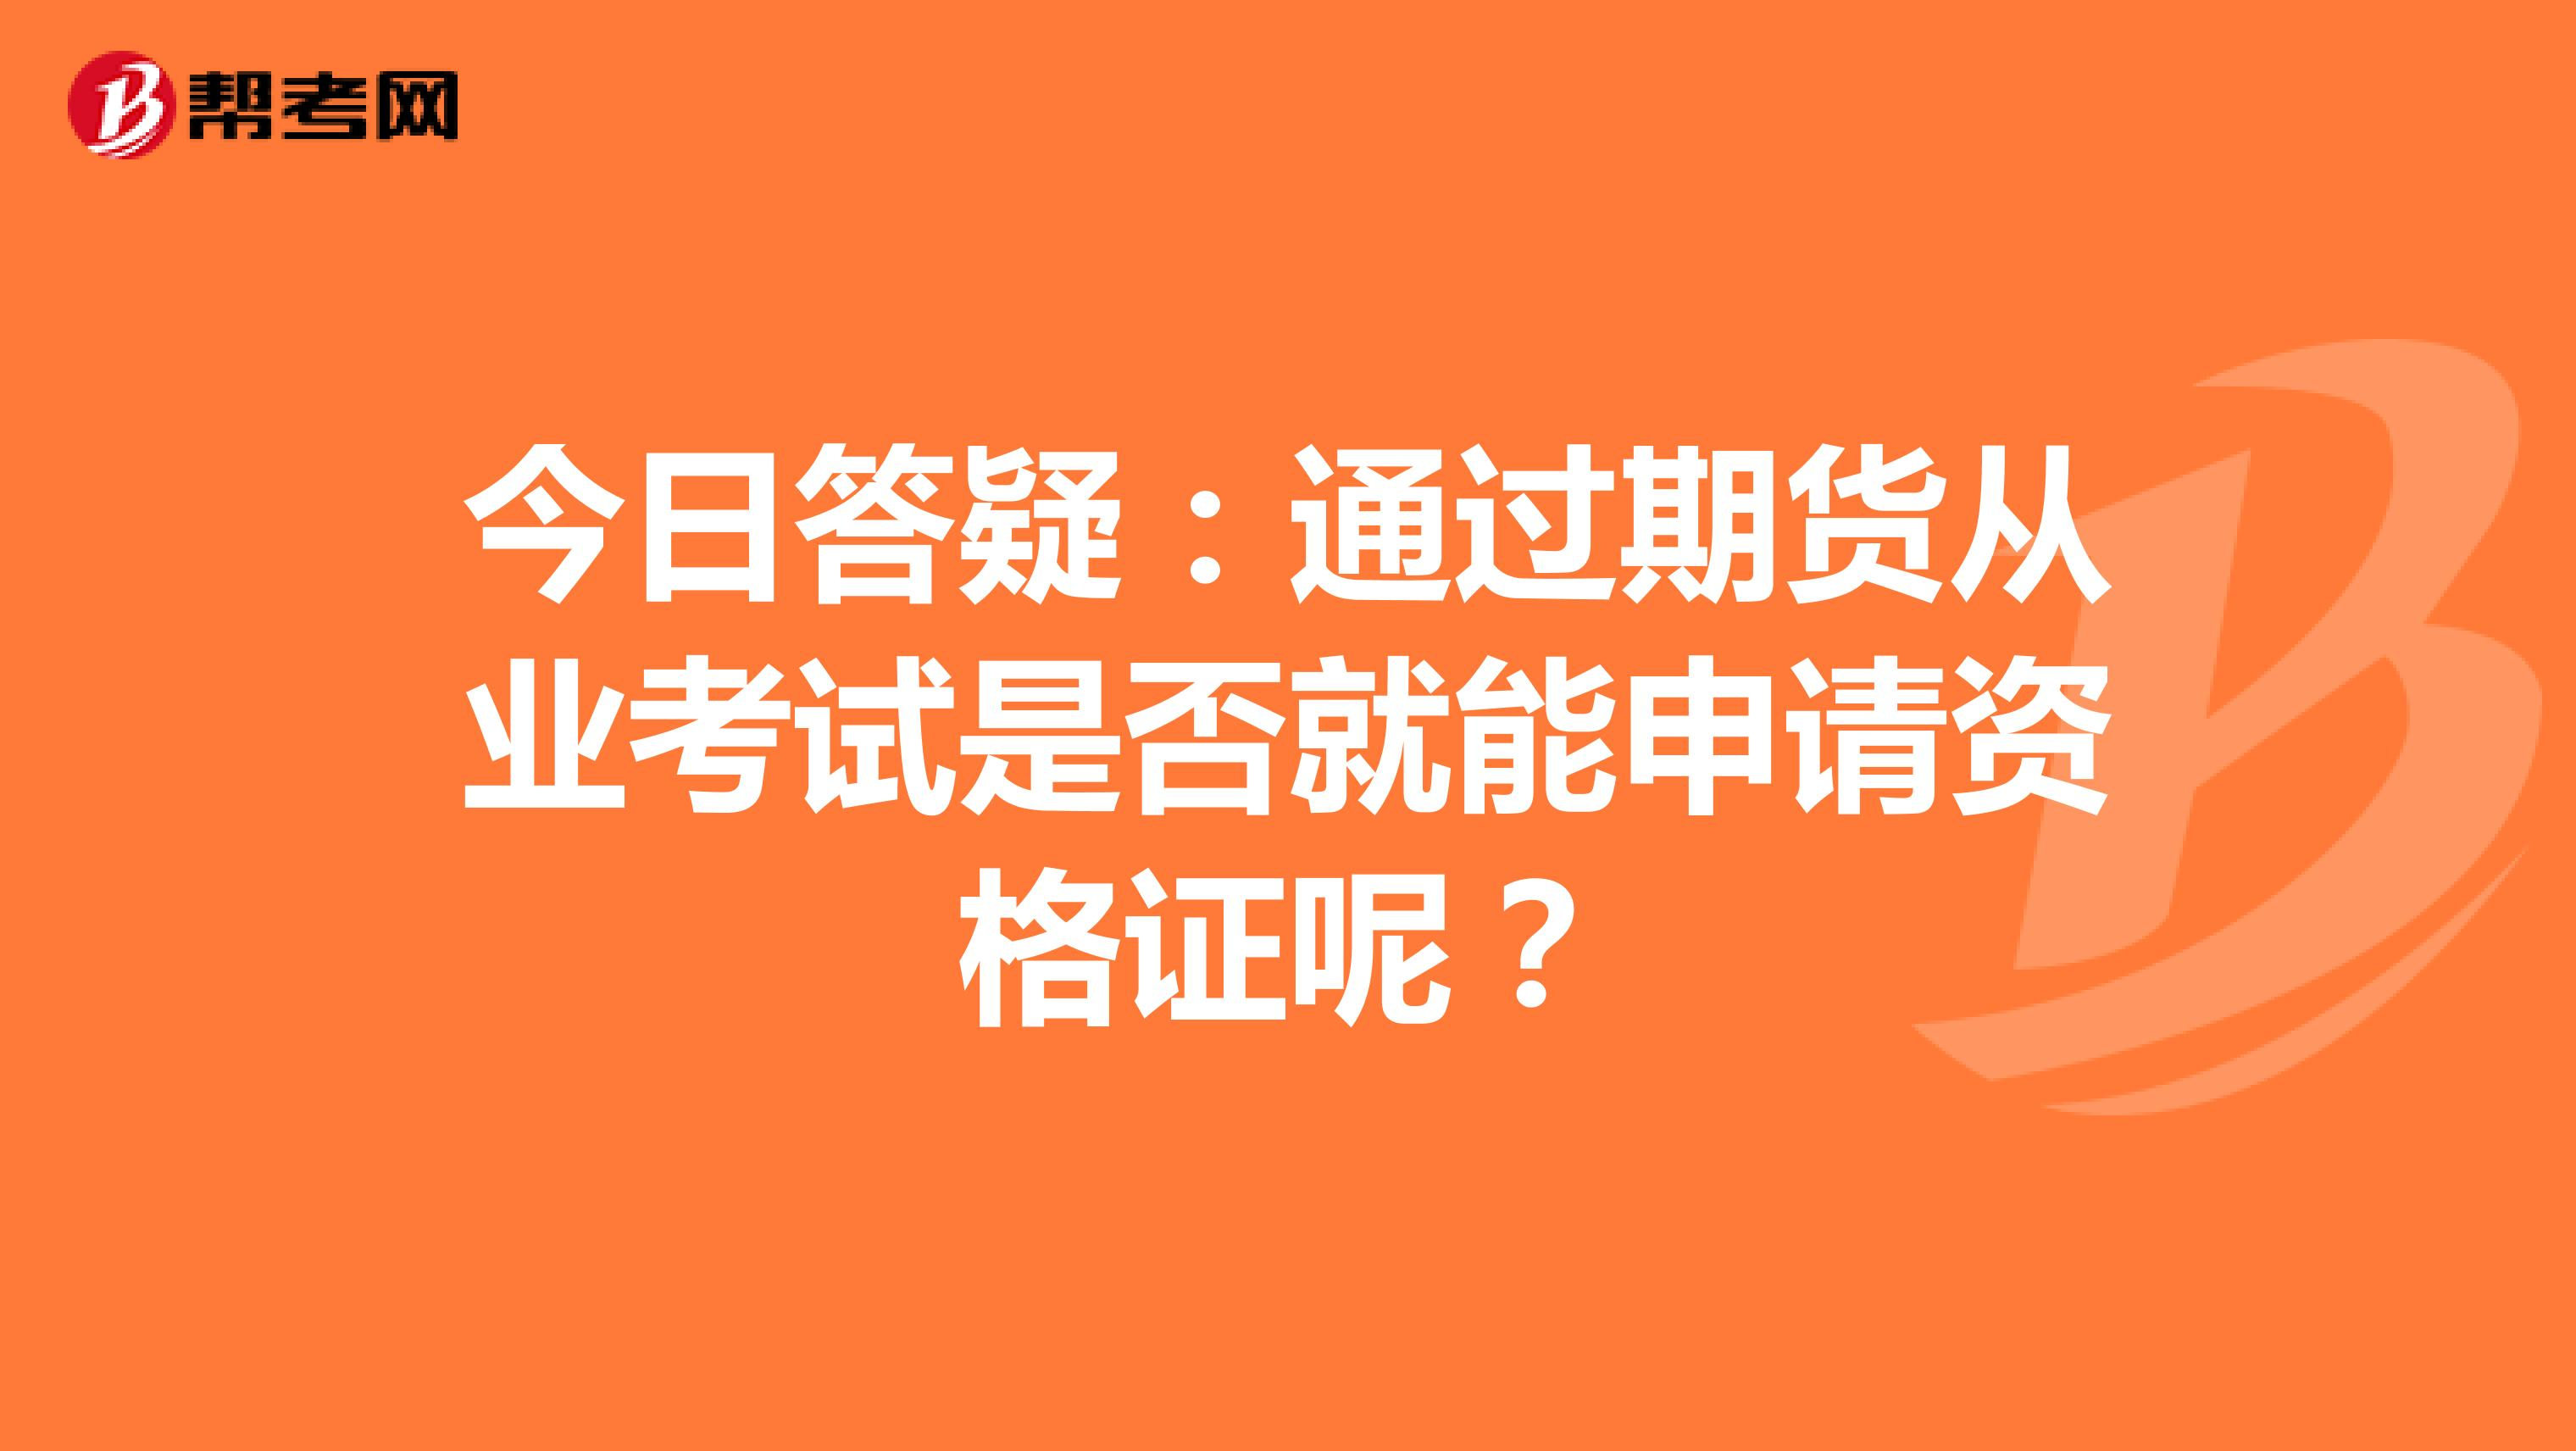 今日答疑:通過期貨從業考試是否就能申請資格證呢?